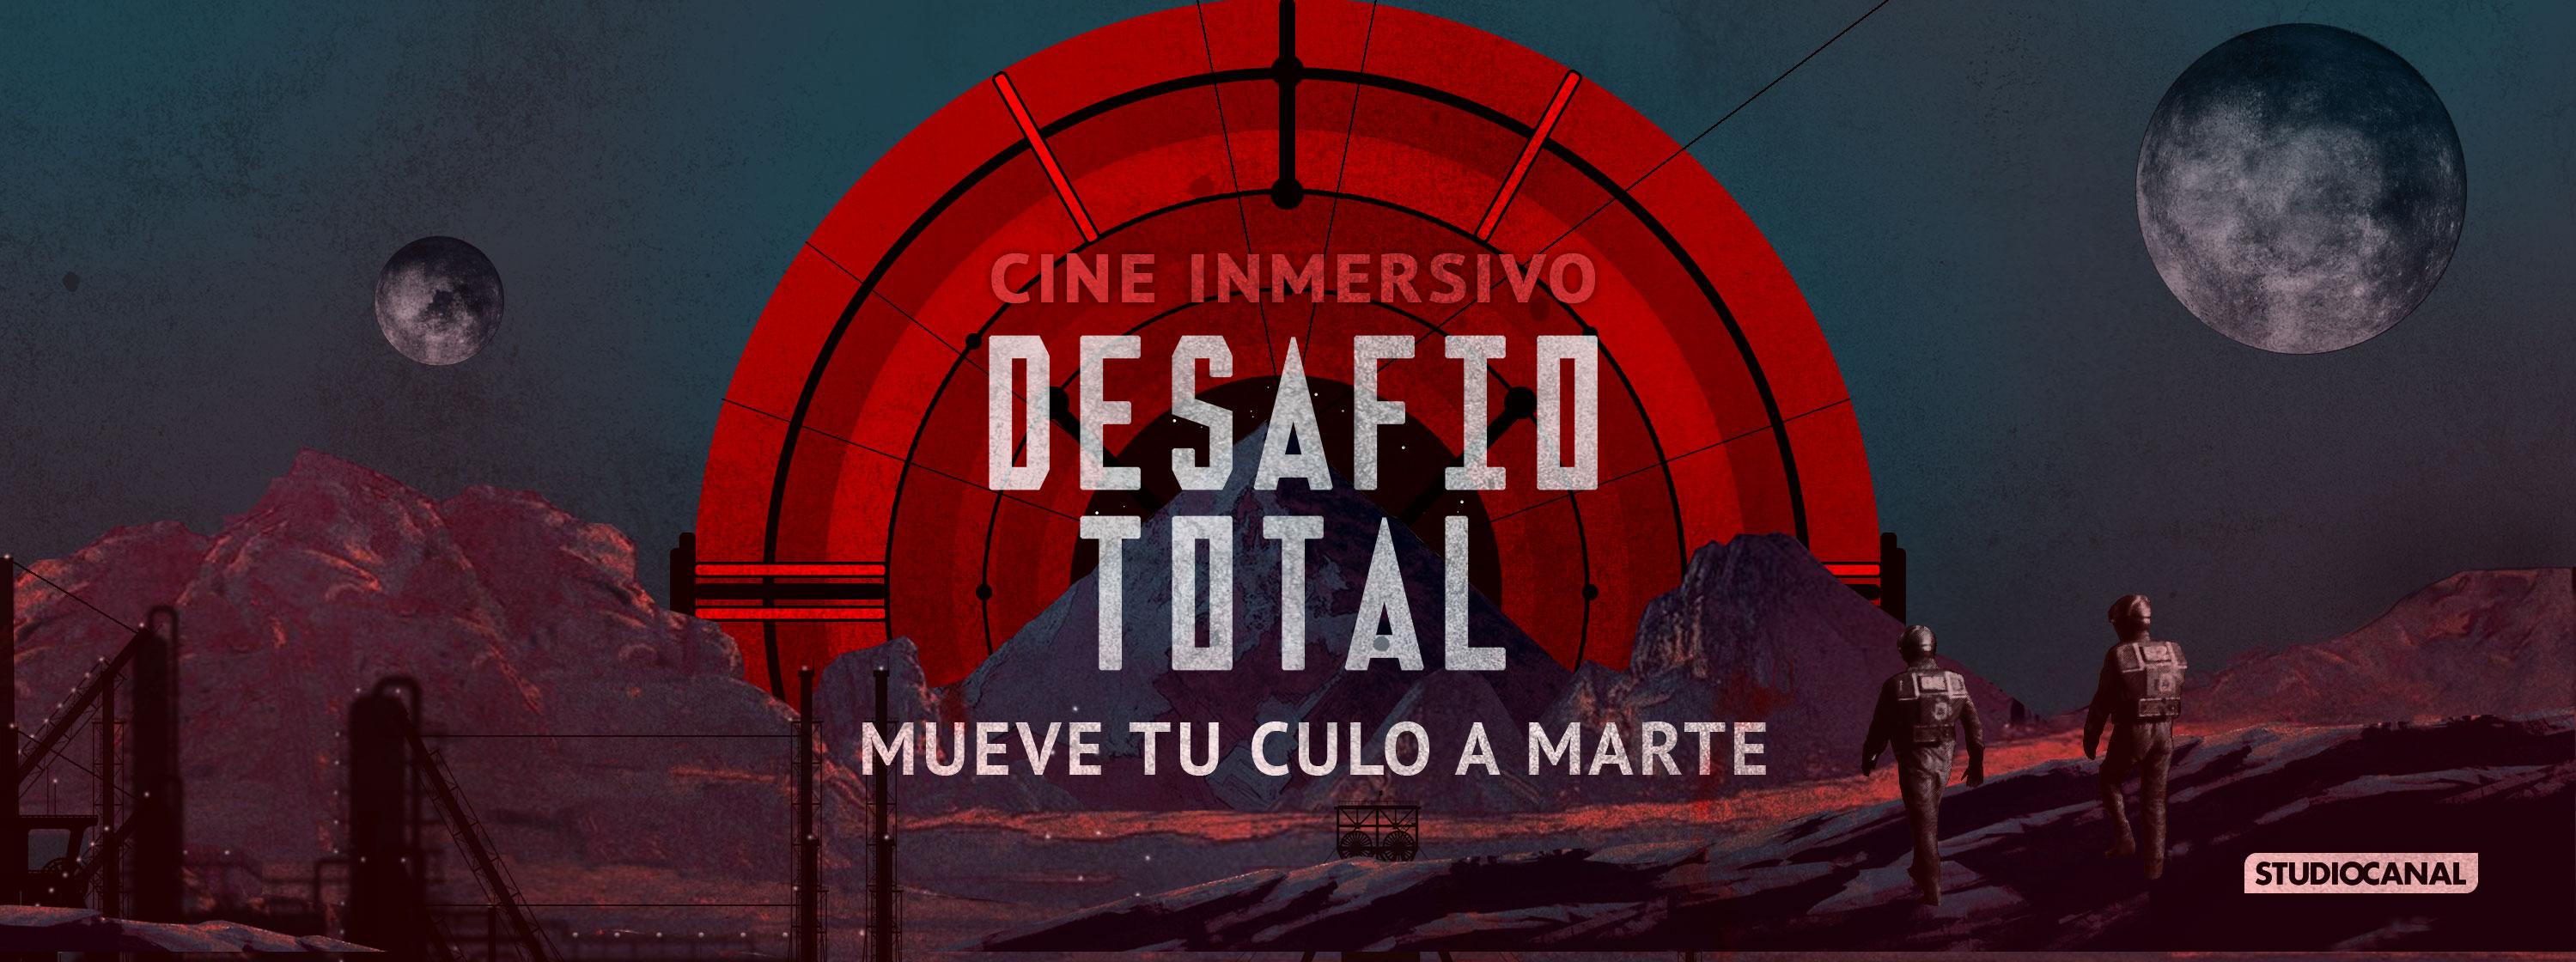 'Desafío total', la experiencia de cine inmersivo más grande de España con destino a Marte, llega este viernes a Madrid de la mano de FEVER